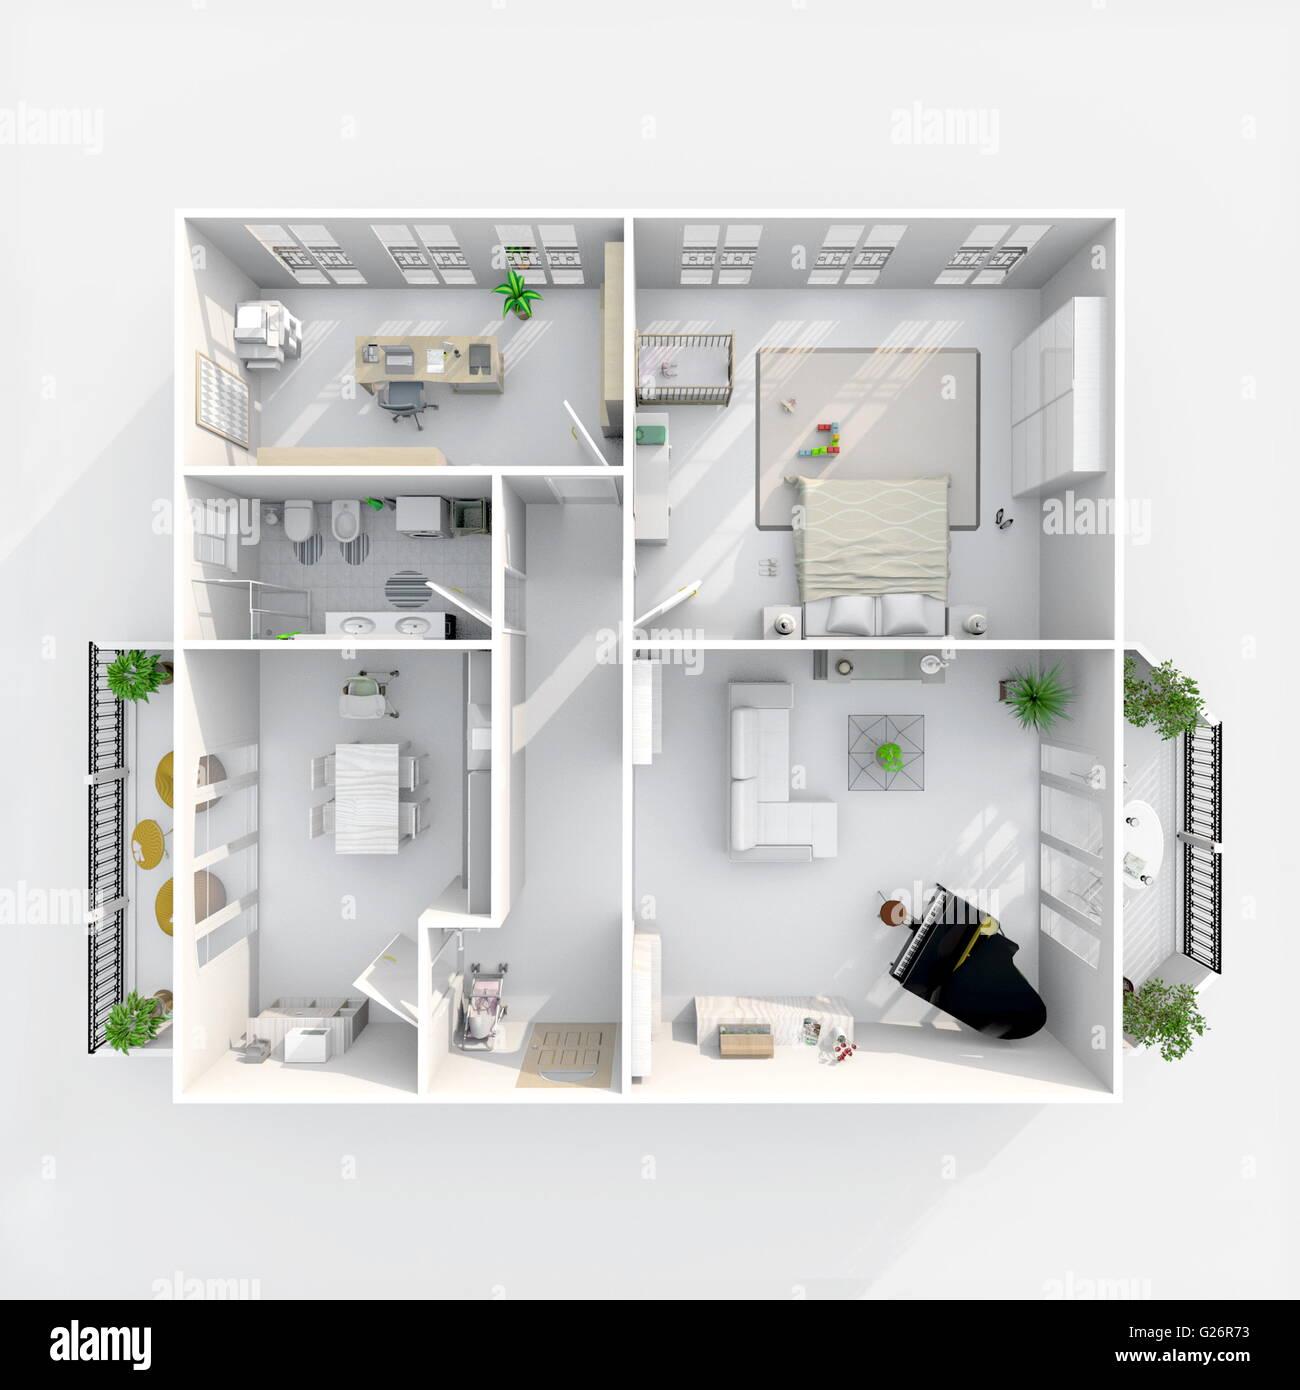 Le Rendu 3d Interieur Vue En Plan De La Maison Meuble Appartement